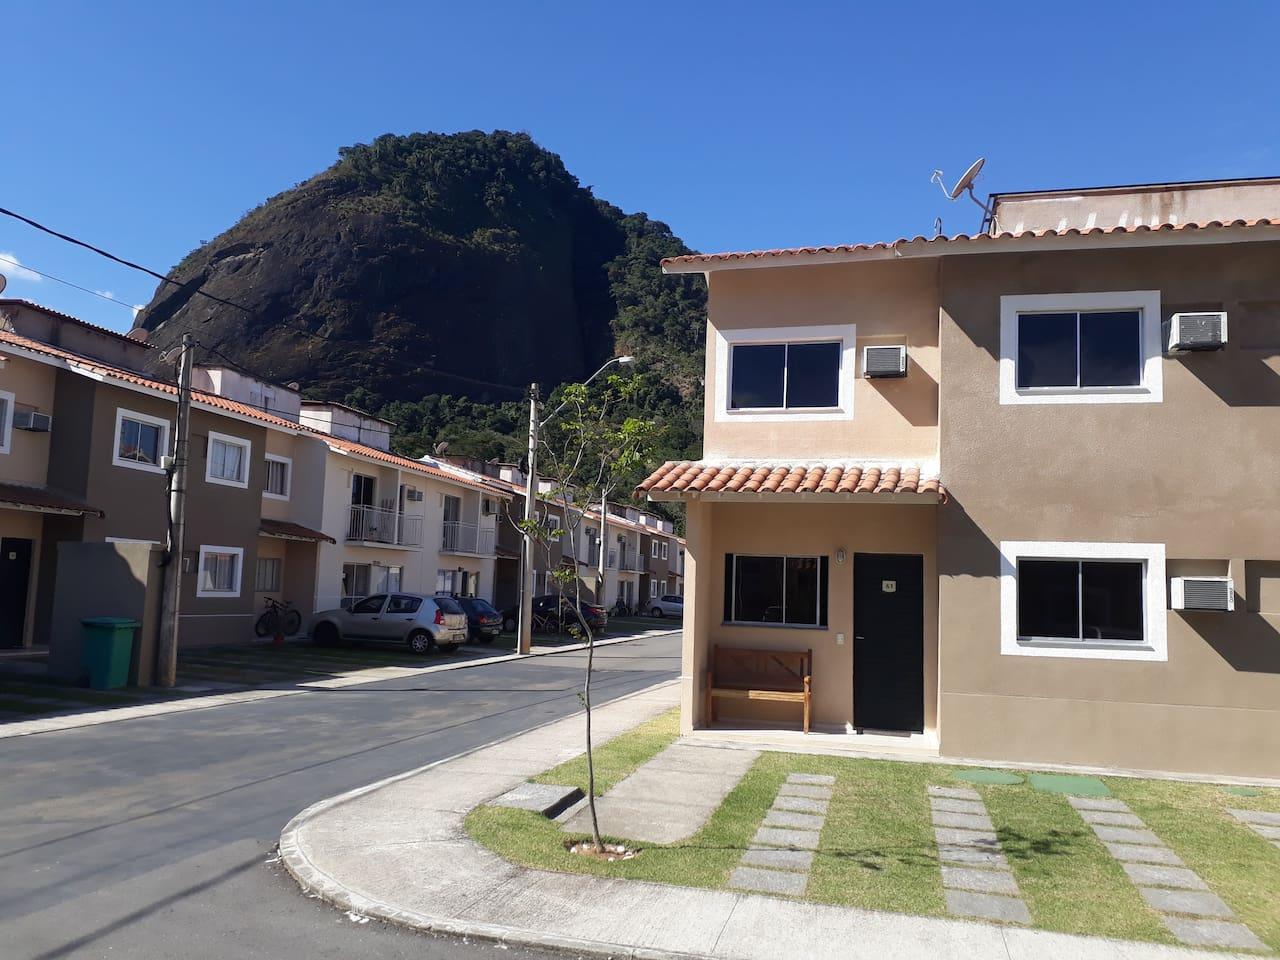 Fachada da casa, rua do condomínio e a Pedra da Liberdade ao fundo, chamada entre os moradores de Pão de Açúcar de Mangaratiba.